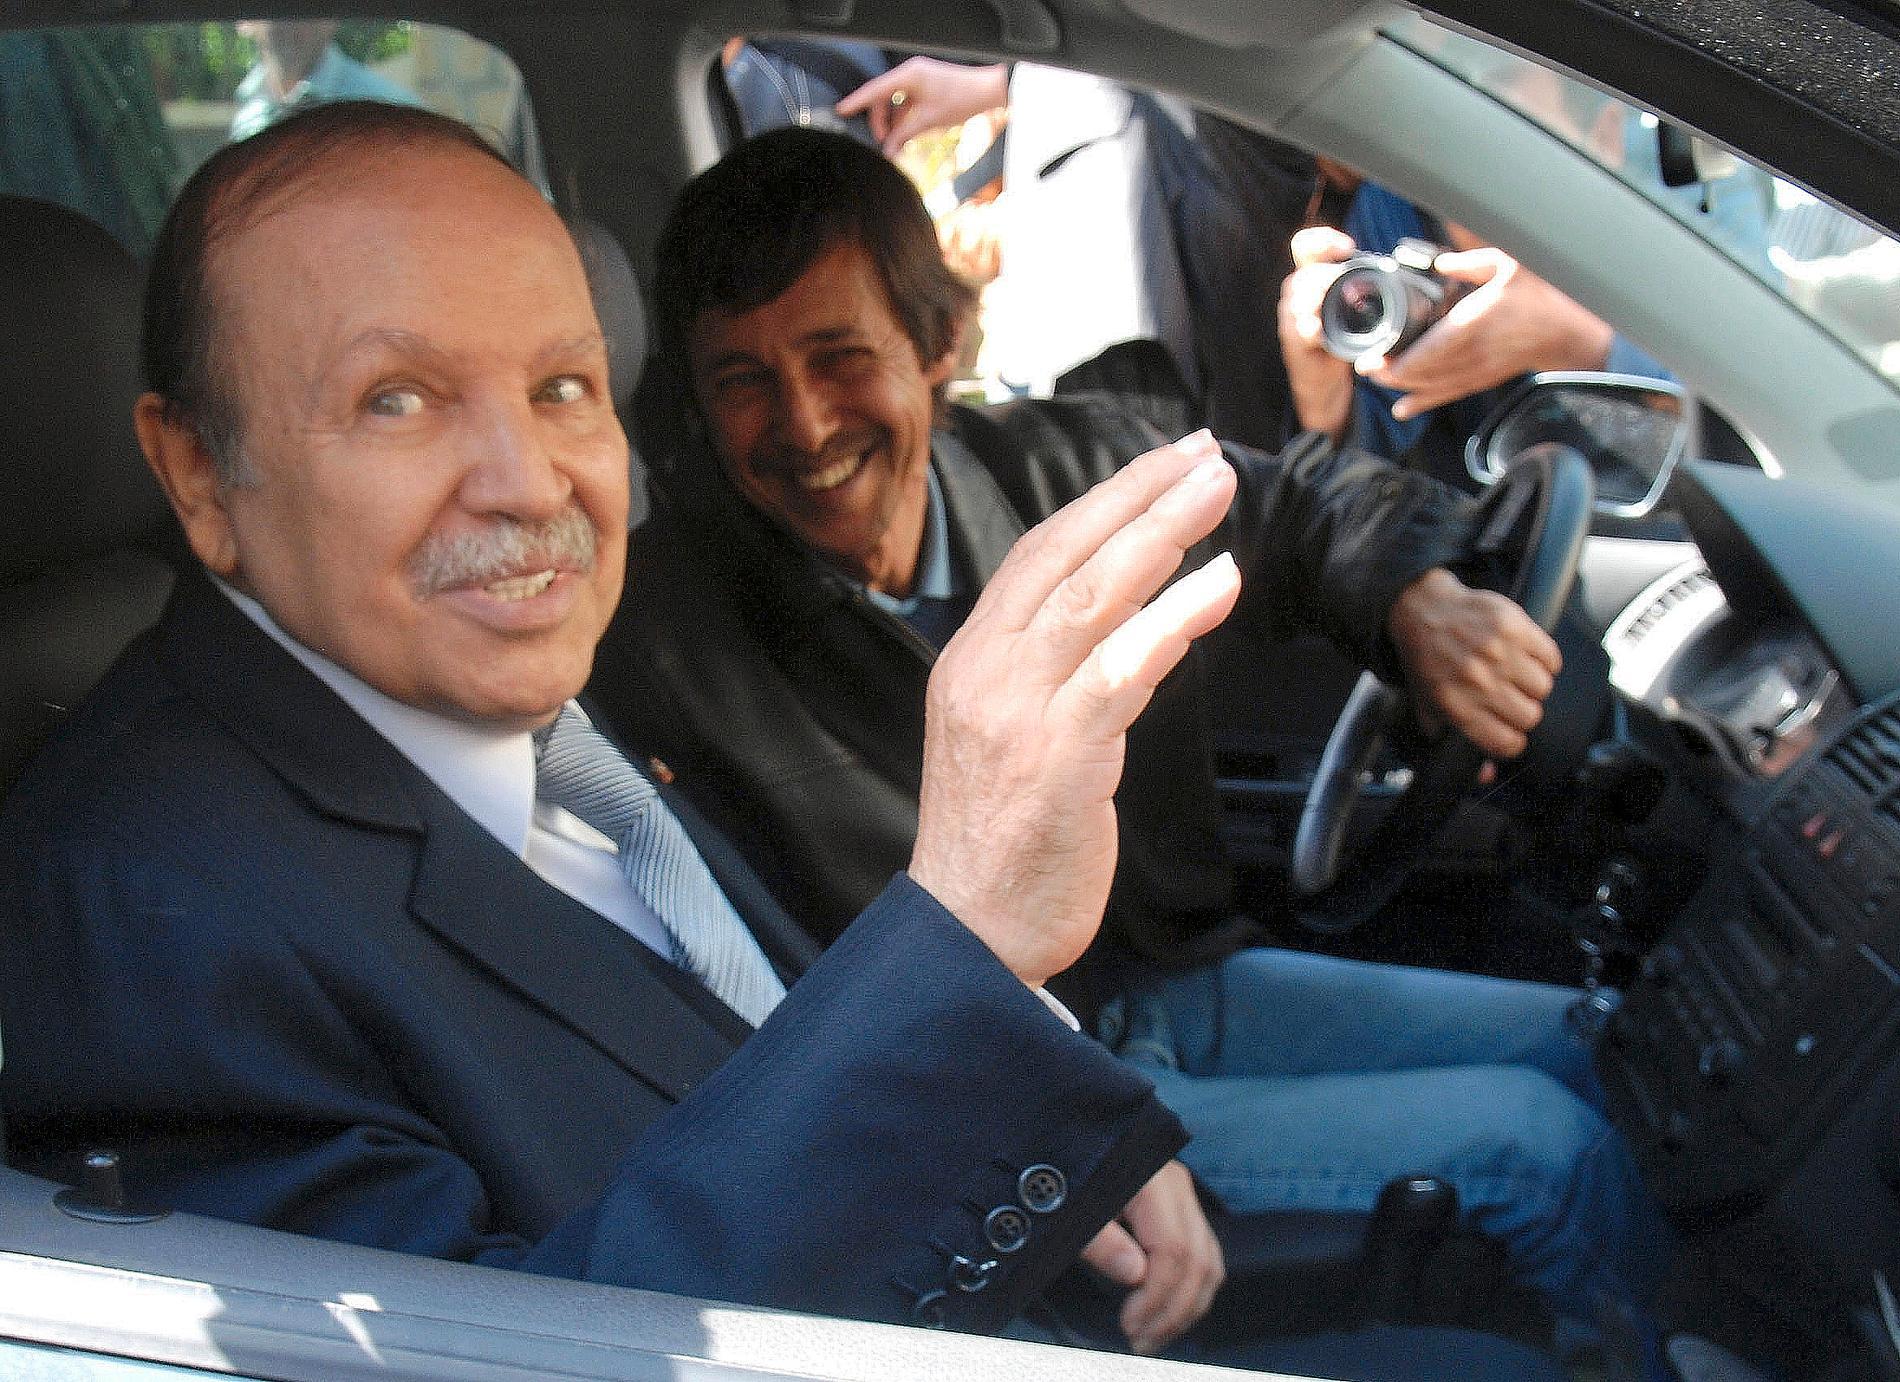 Abdelaziz Bouteflika (till vänster), som var president i Algeriet i 20 år, avled i fredags, 84 år gammal. Arkivbild.